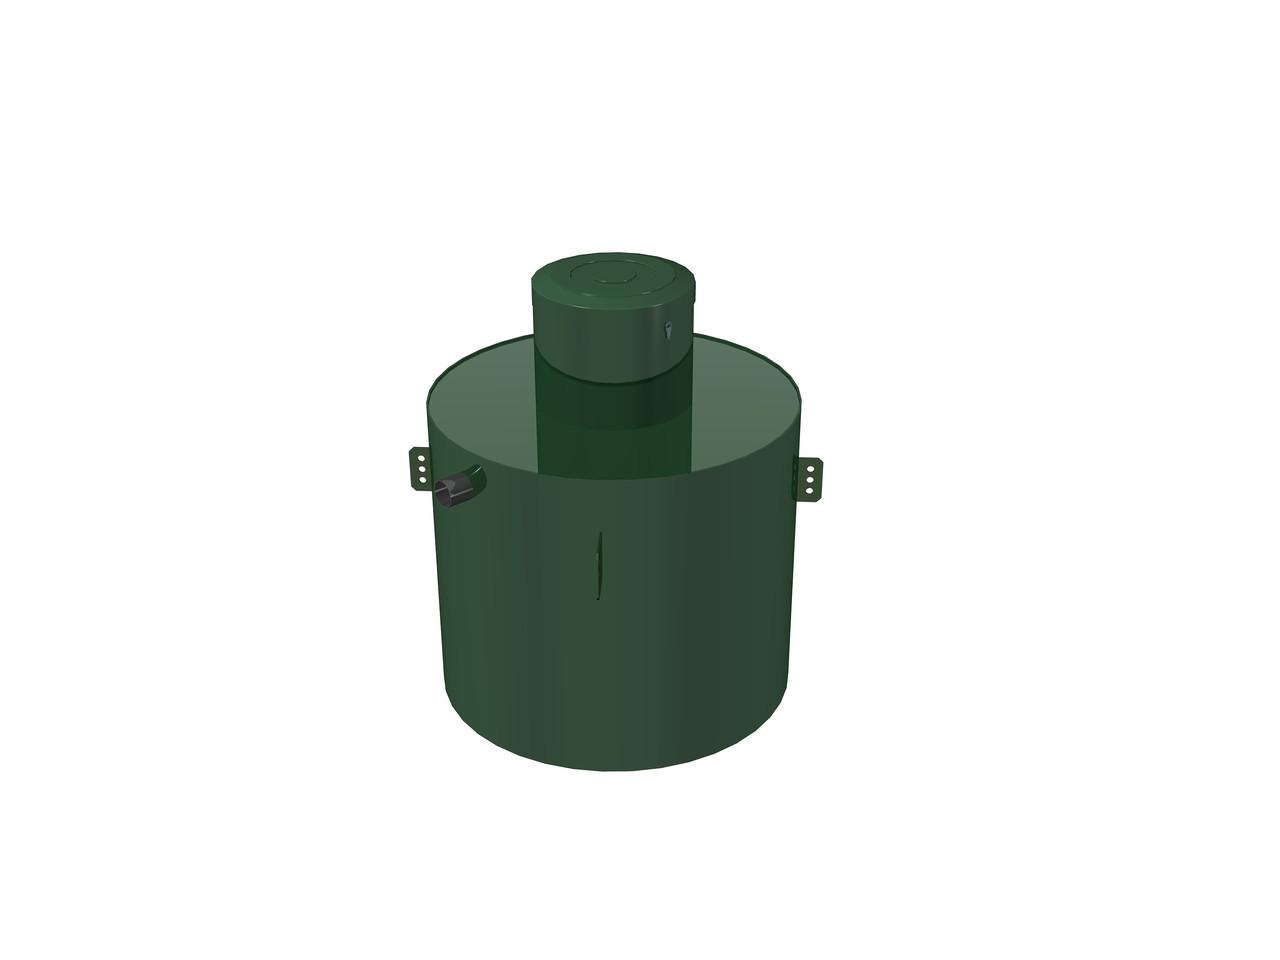 Промышленный жироуловитель Alta М-OR 11-700